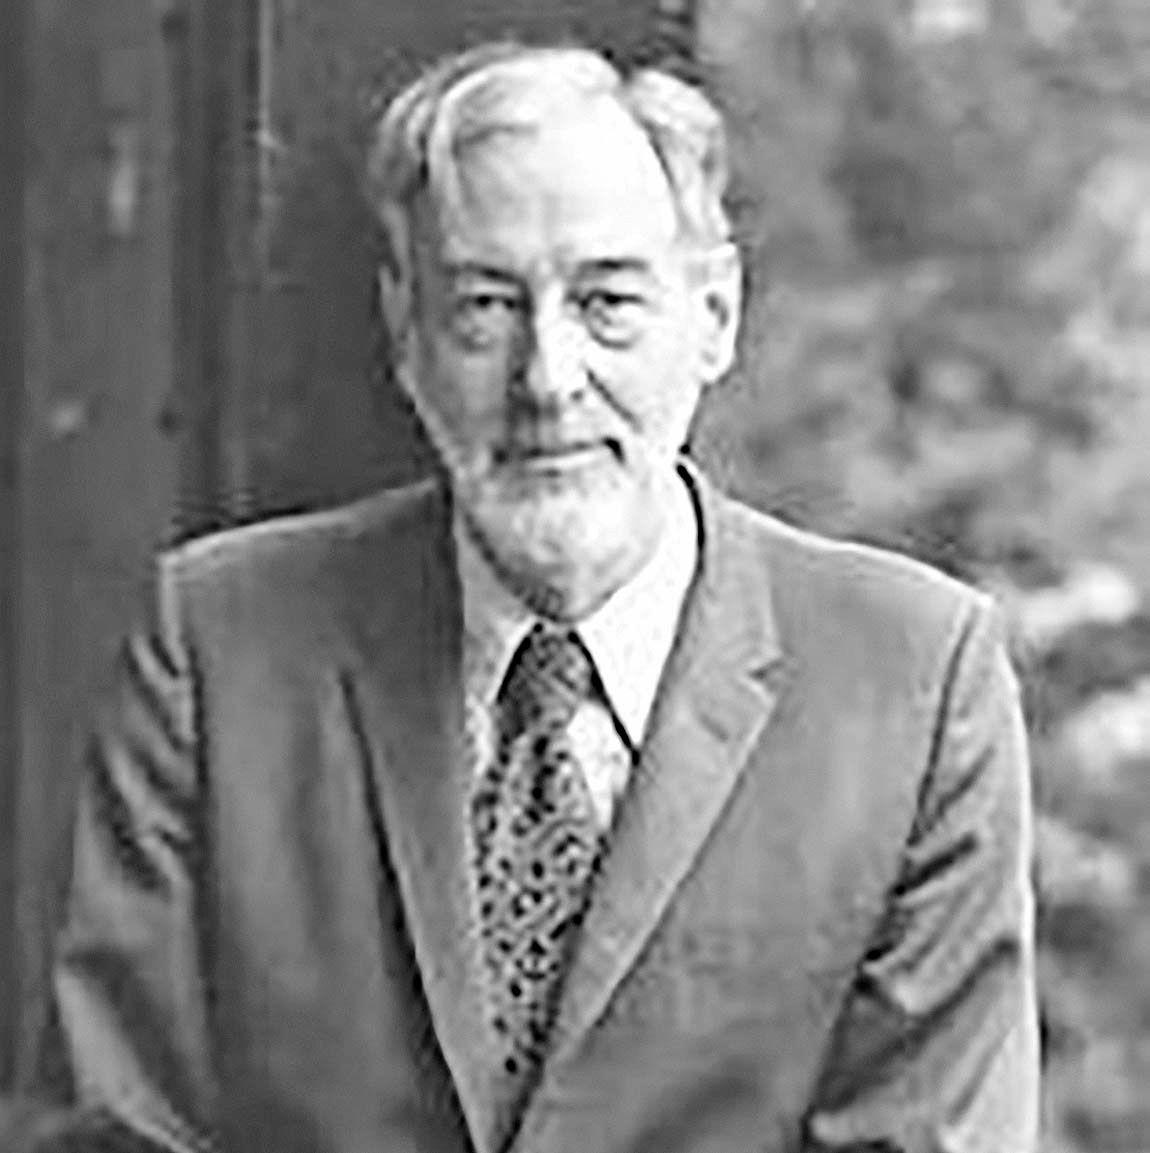 کوپمانس، ریاضیدان برنده نوبل اقتصاد